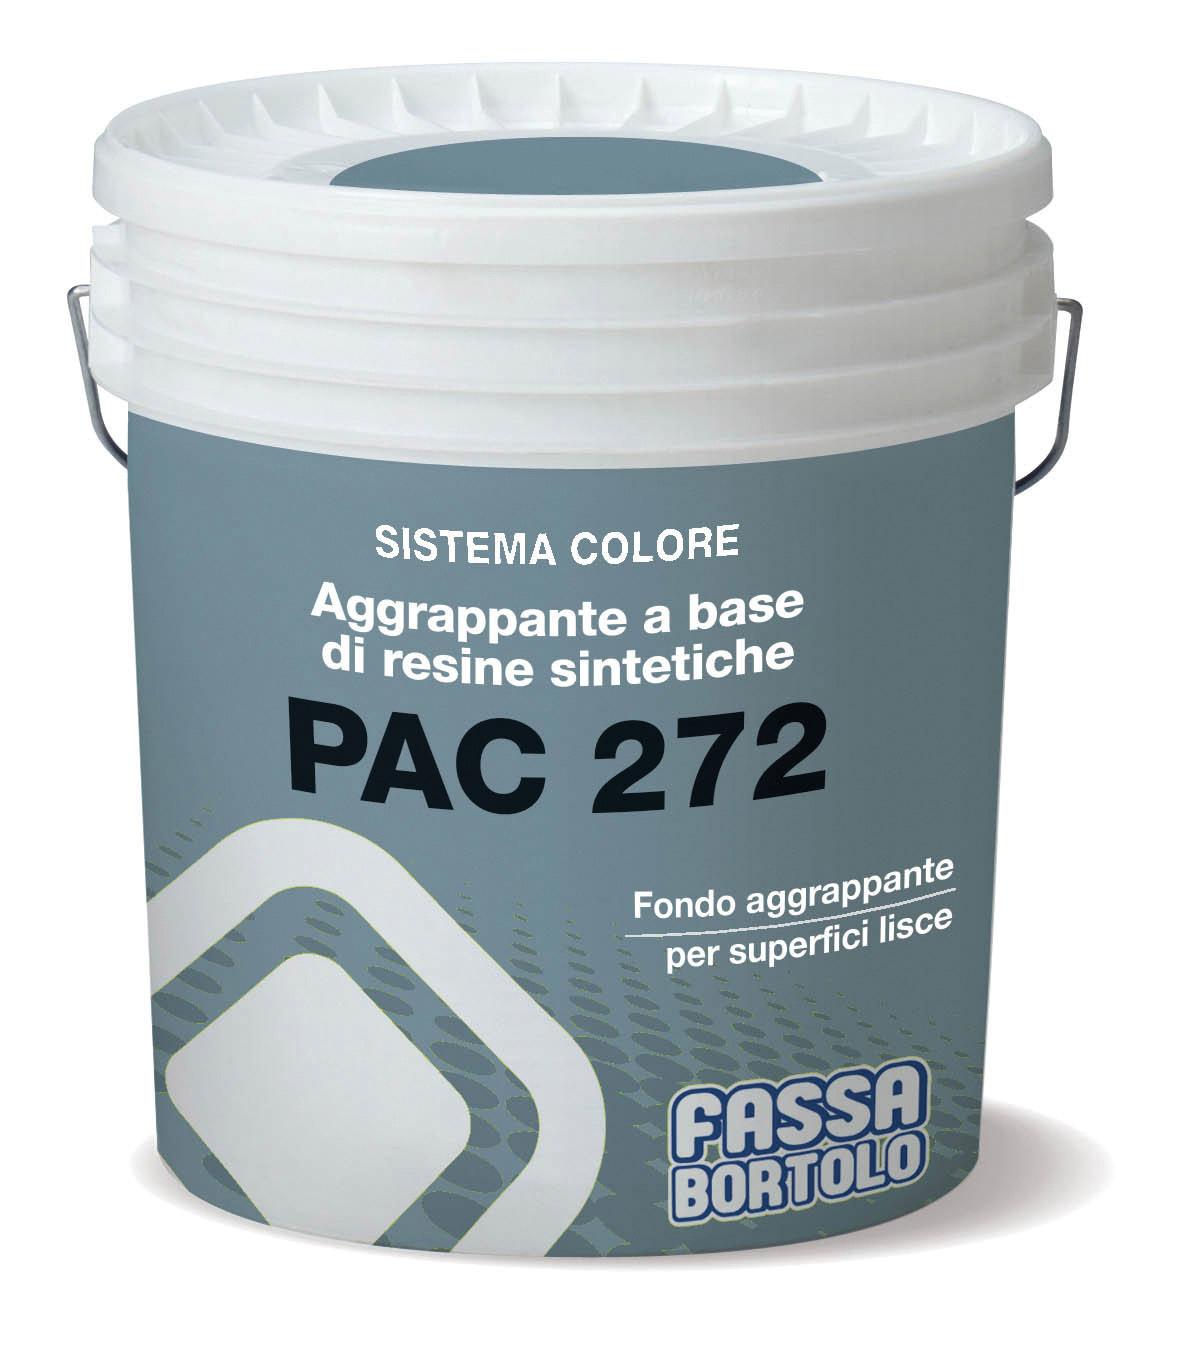 PAC 272: Primário de adesão à base de resinas sintéticas, para rebocos à base de gesso e cal-gesso sobre betão.